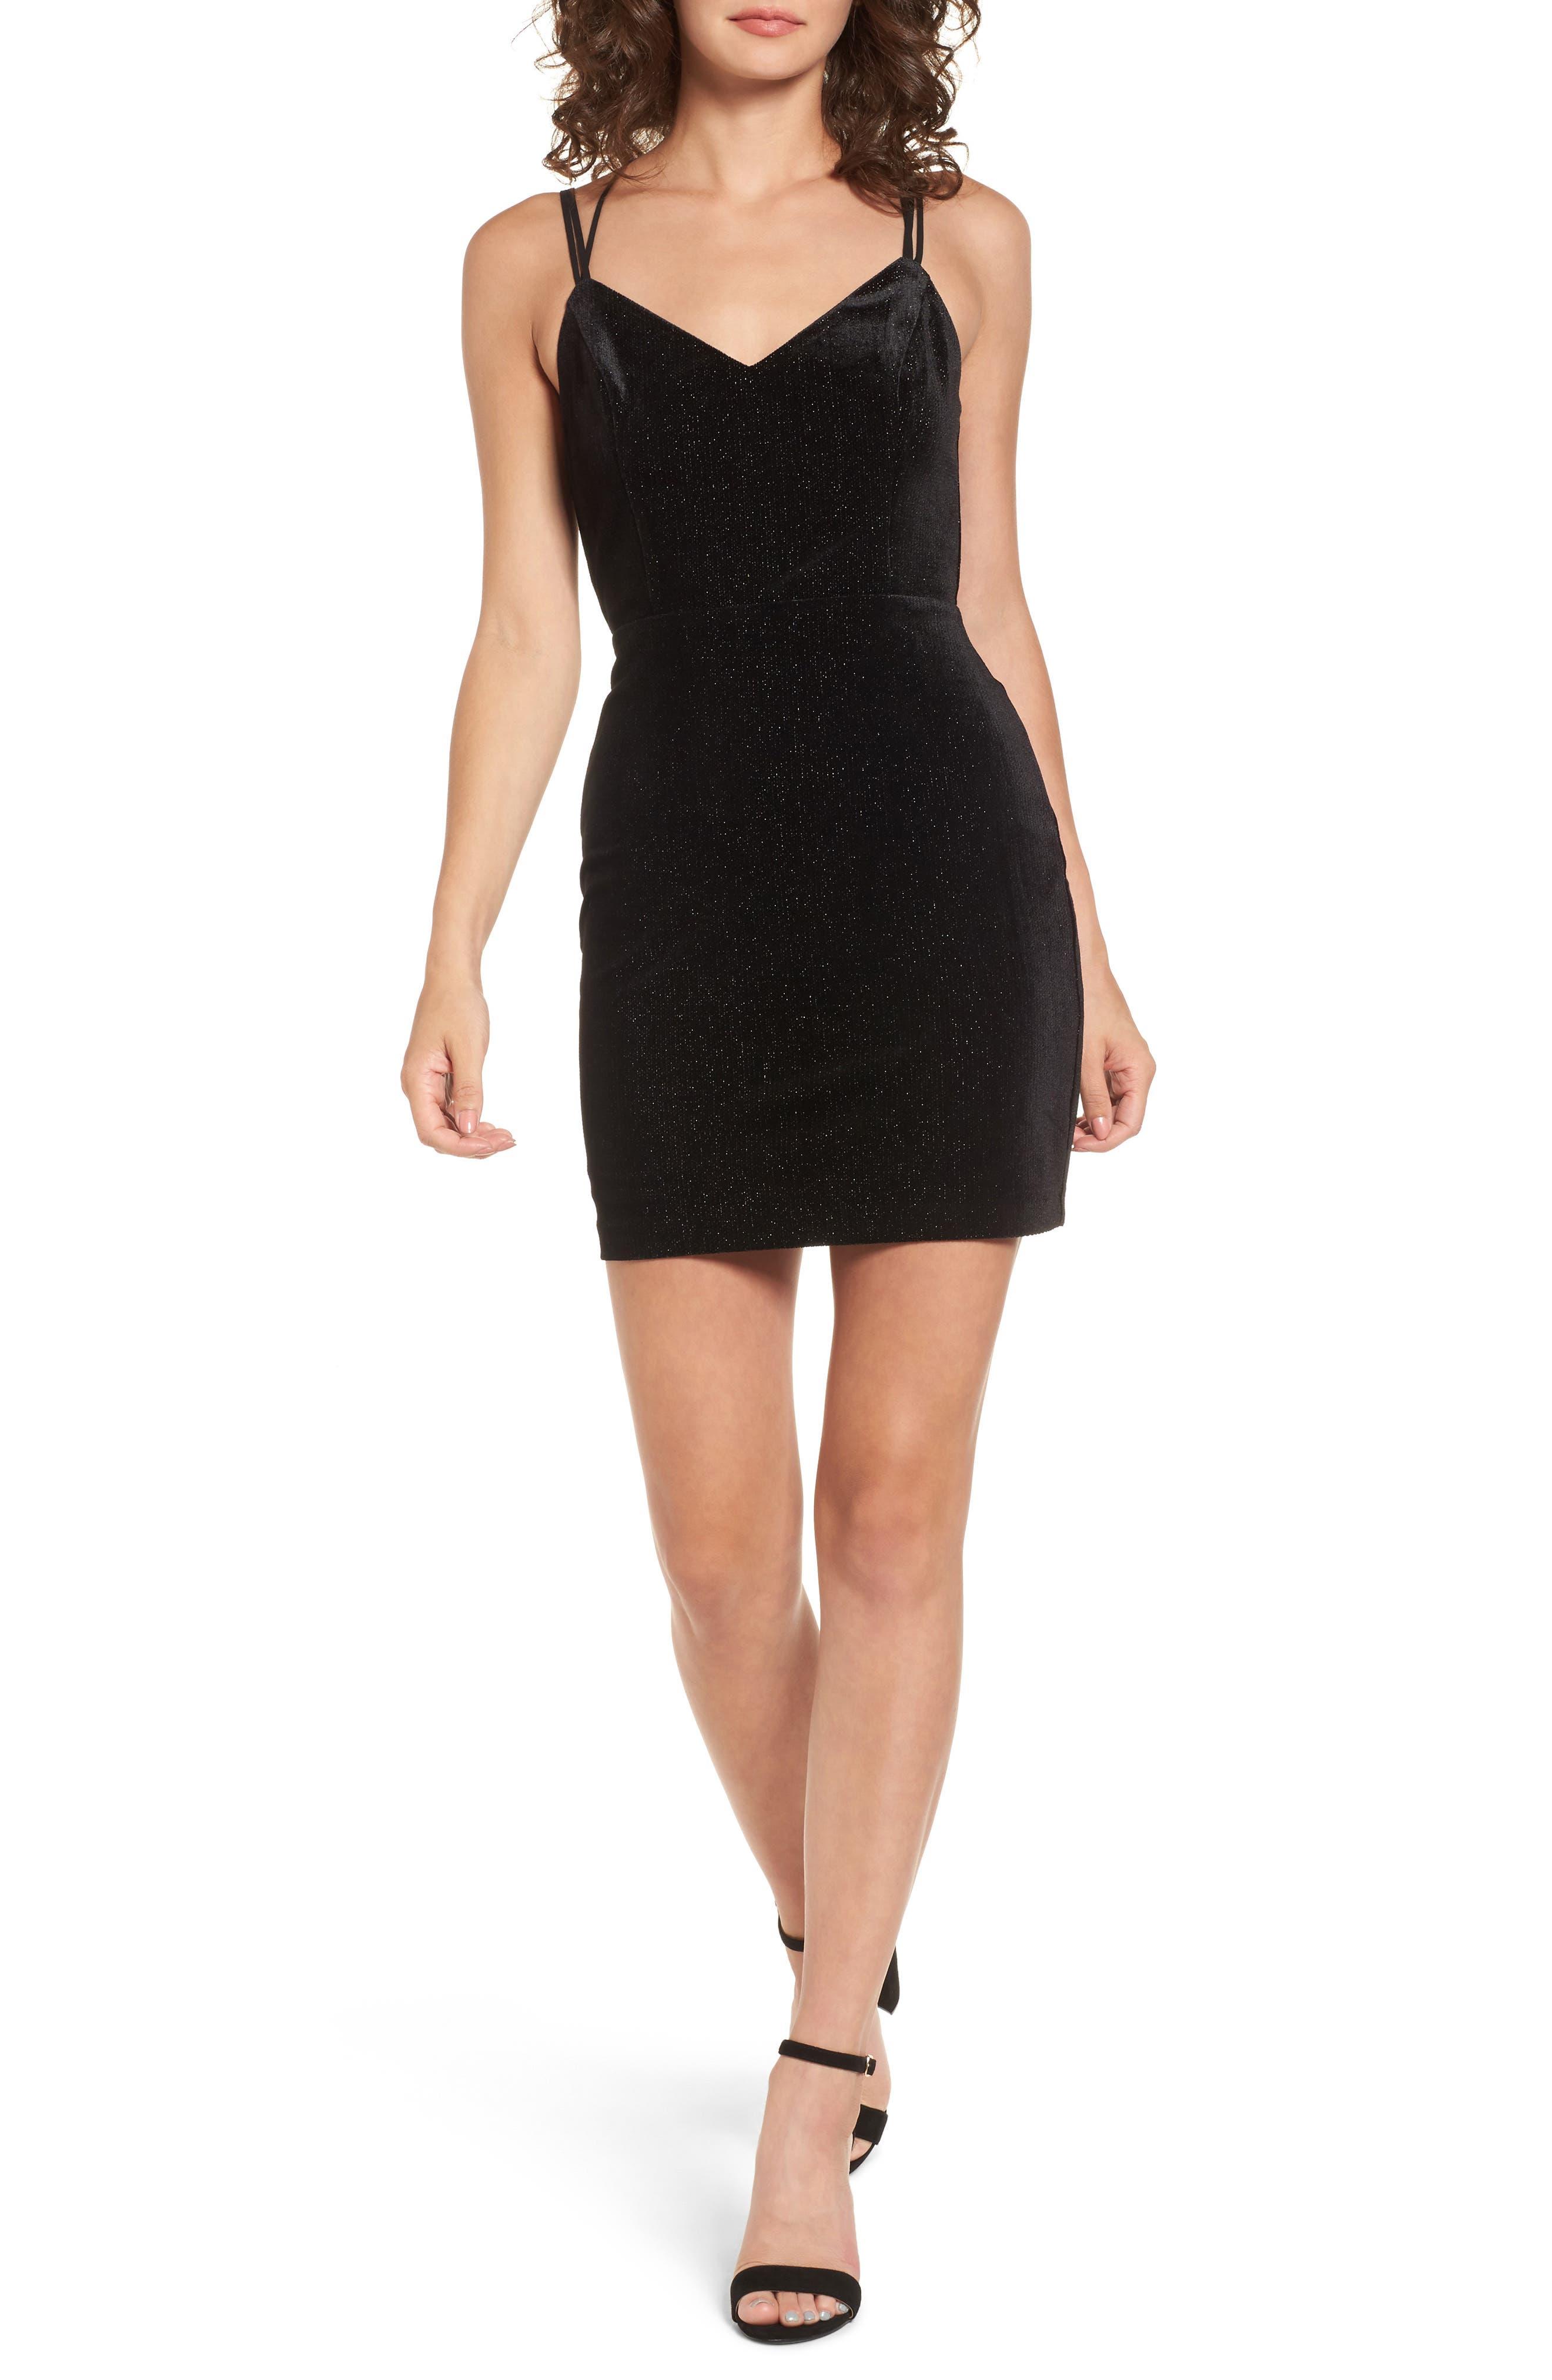 LUSH Strappy Body-Con Dress